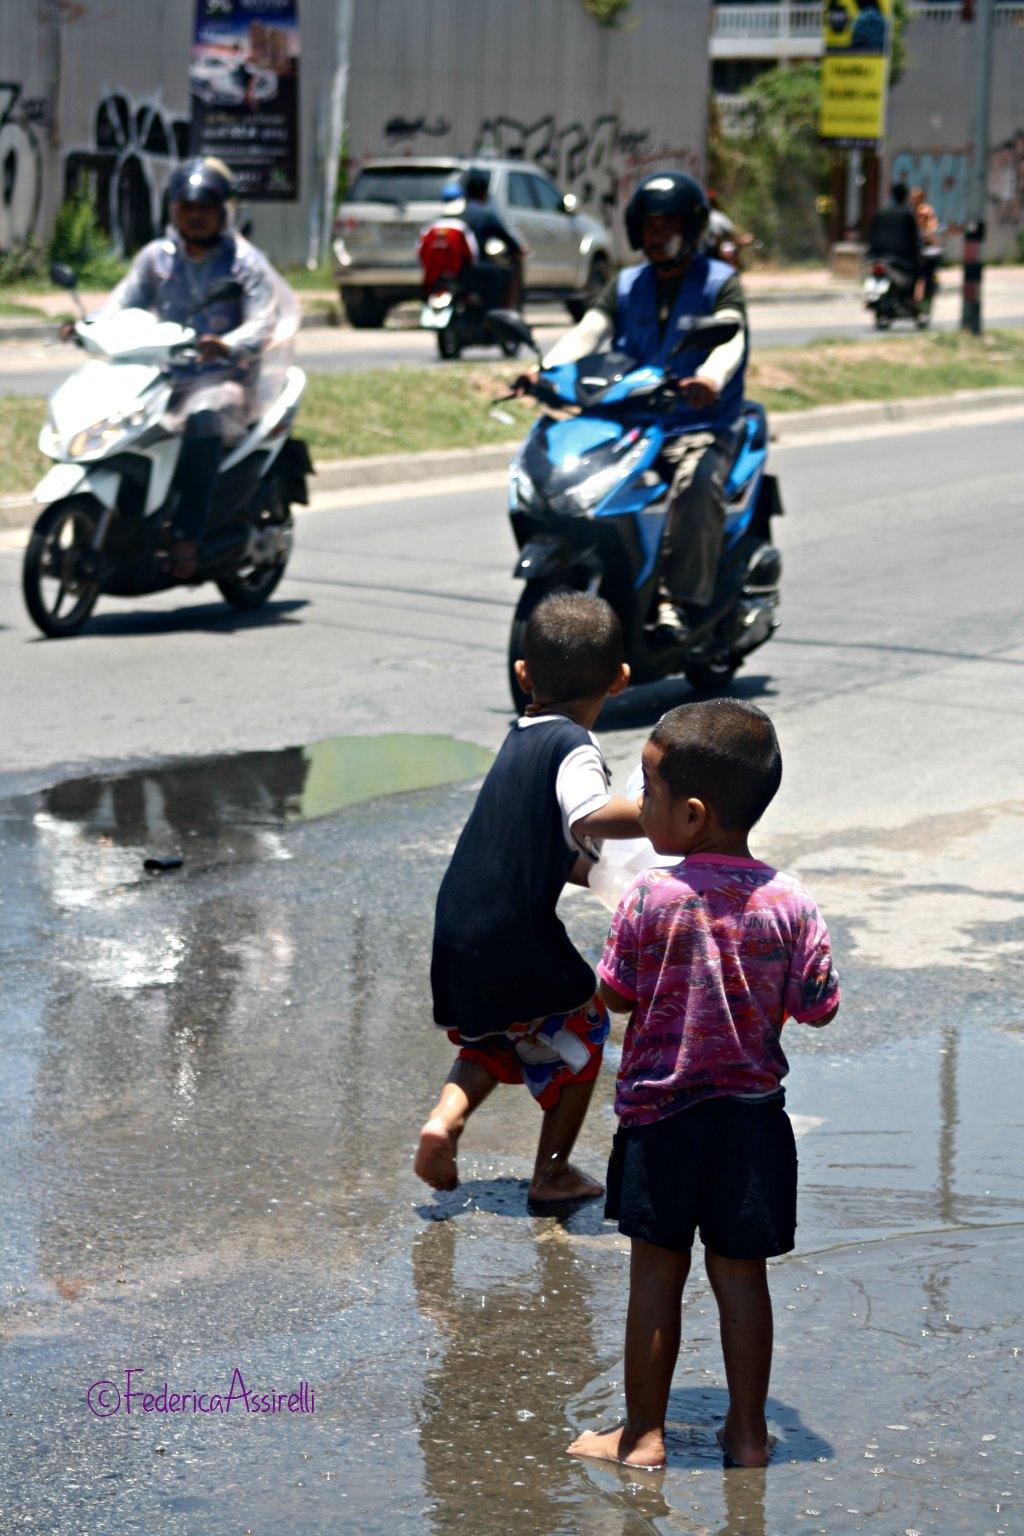 Lancio d'acqua al Songkran